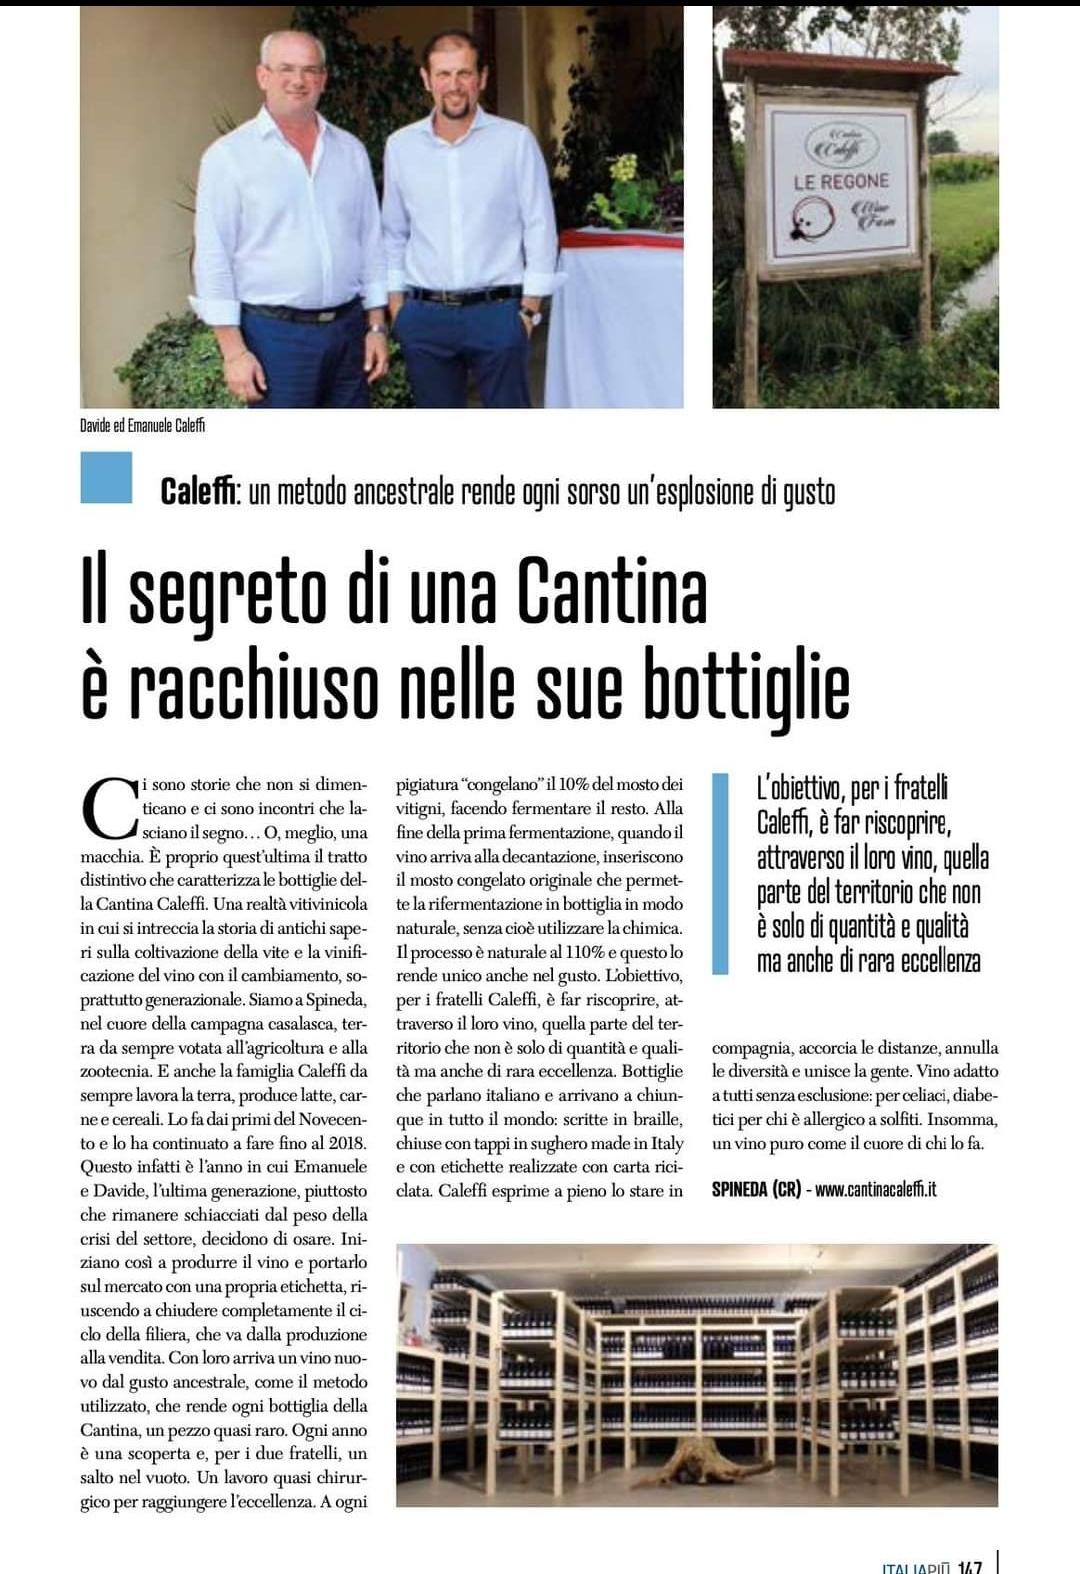 La Premiata e Premiante Cantina, cremonese di Spineda, Caleffi, meritatamente è finita sulle pagine di Italia Più